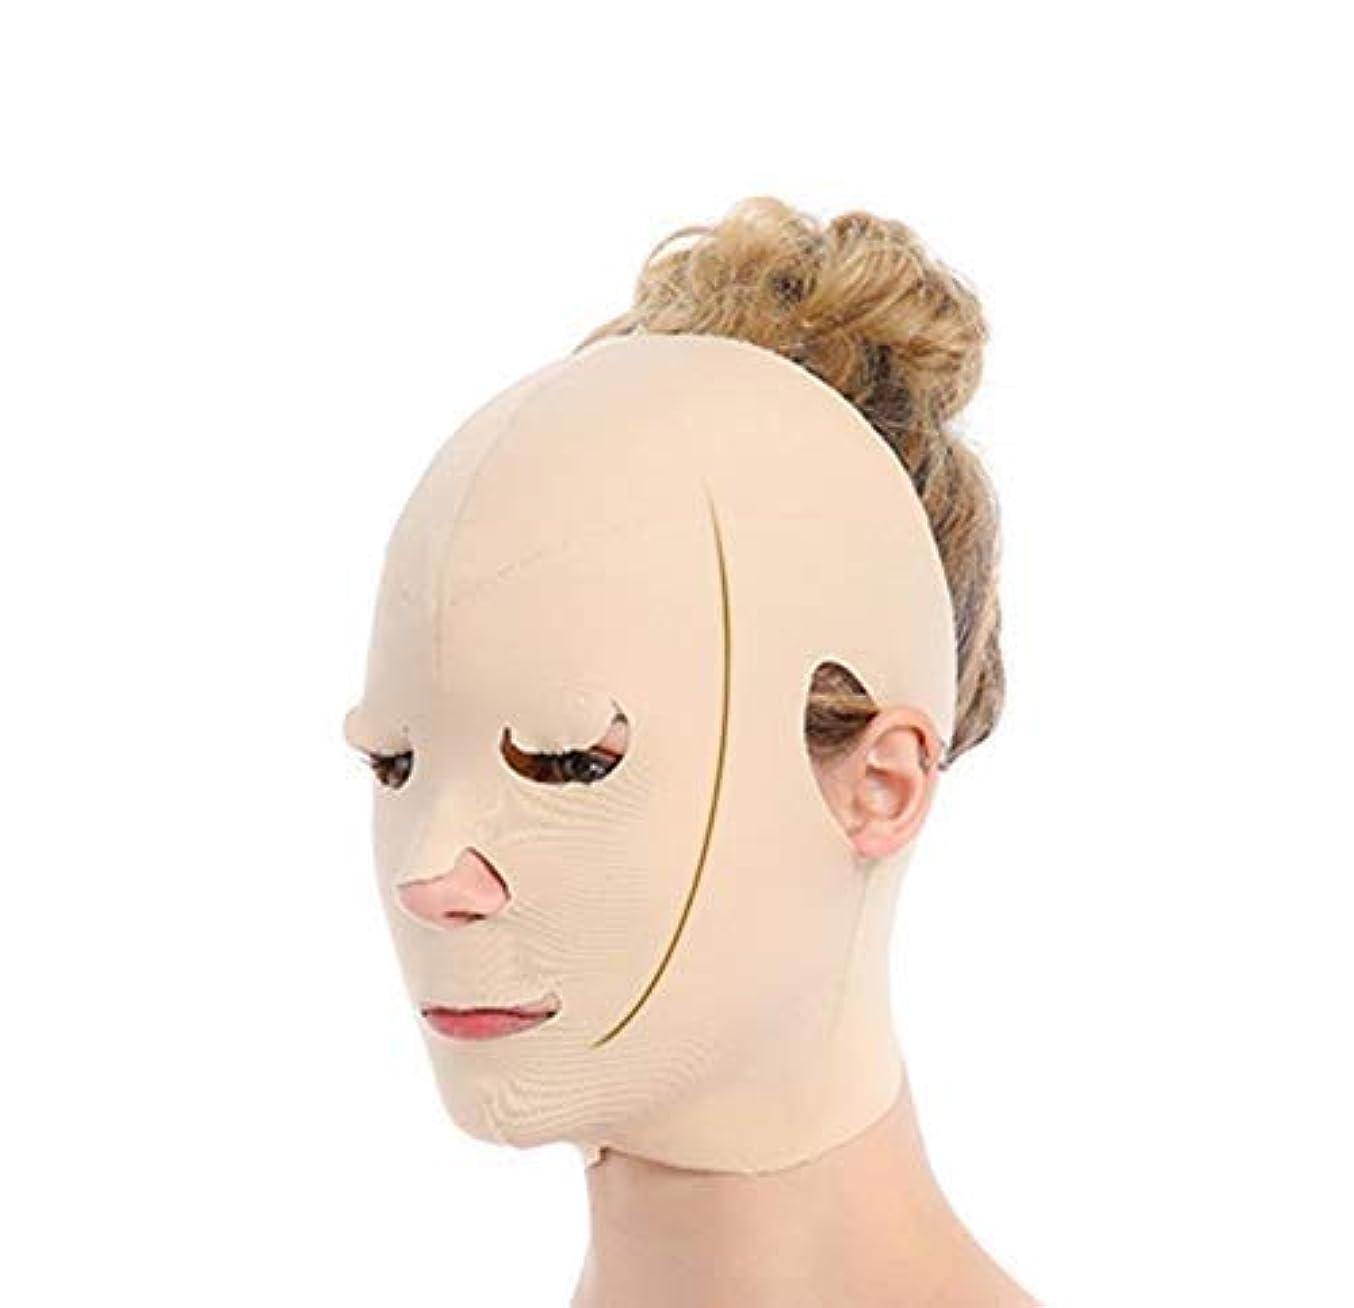 アグネスグレイ引き受けるファイアル小さな顔ツールV顔包帯薄い顔美容マスク怠zyな睡眠マスク男性と女性V顔包帯整形リフティングファーミングフェイスシンダブルチン